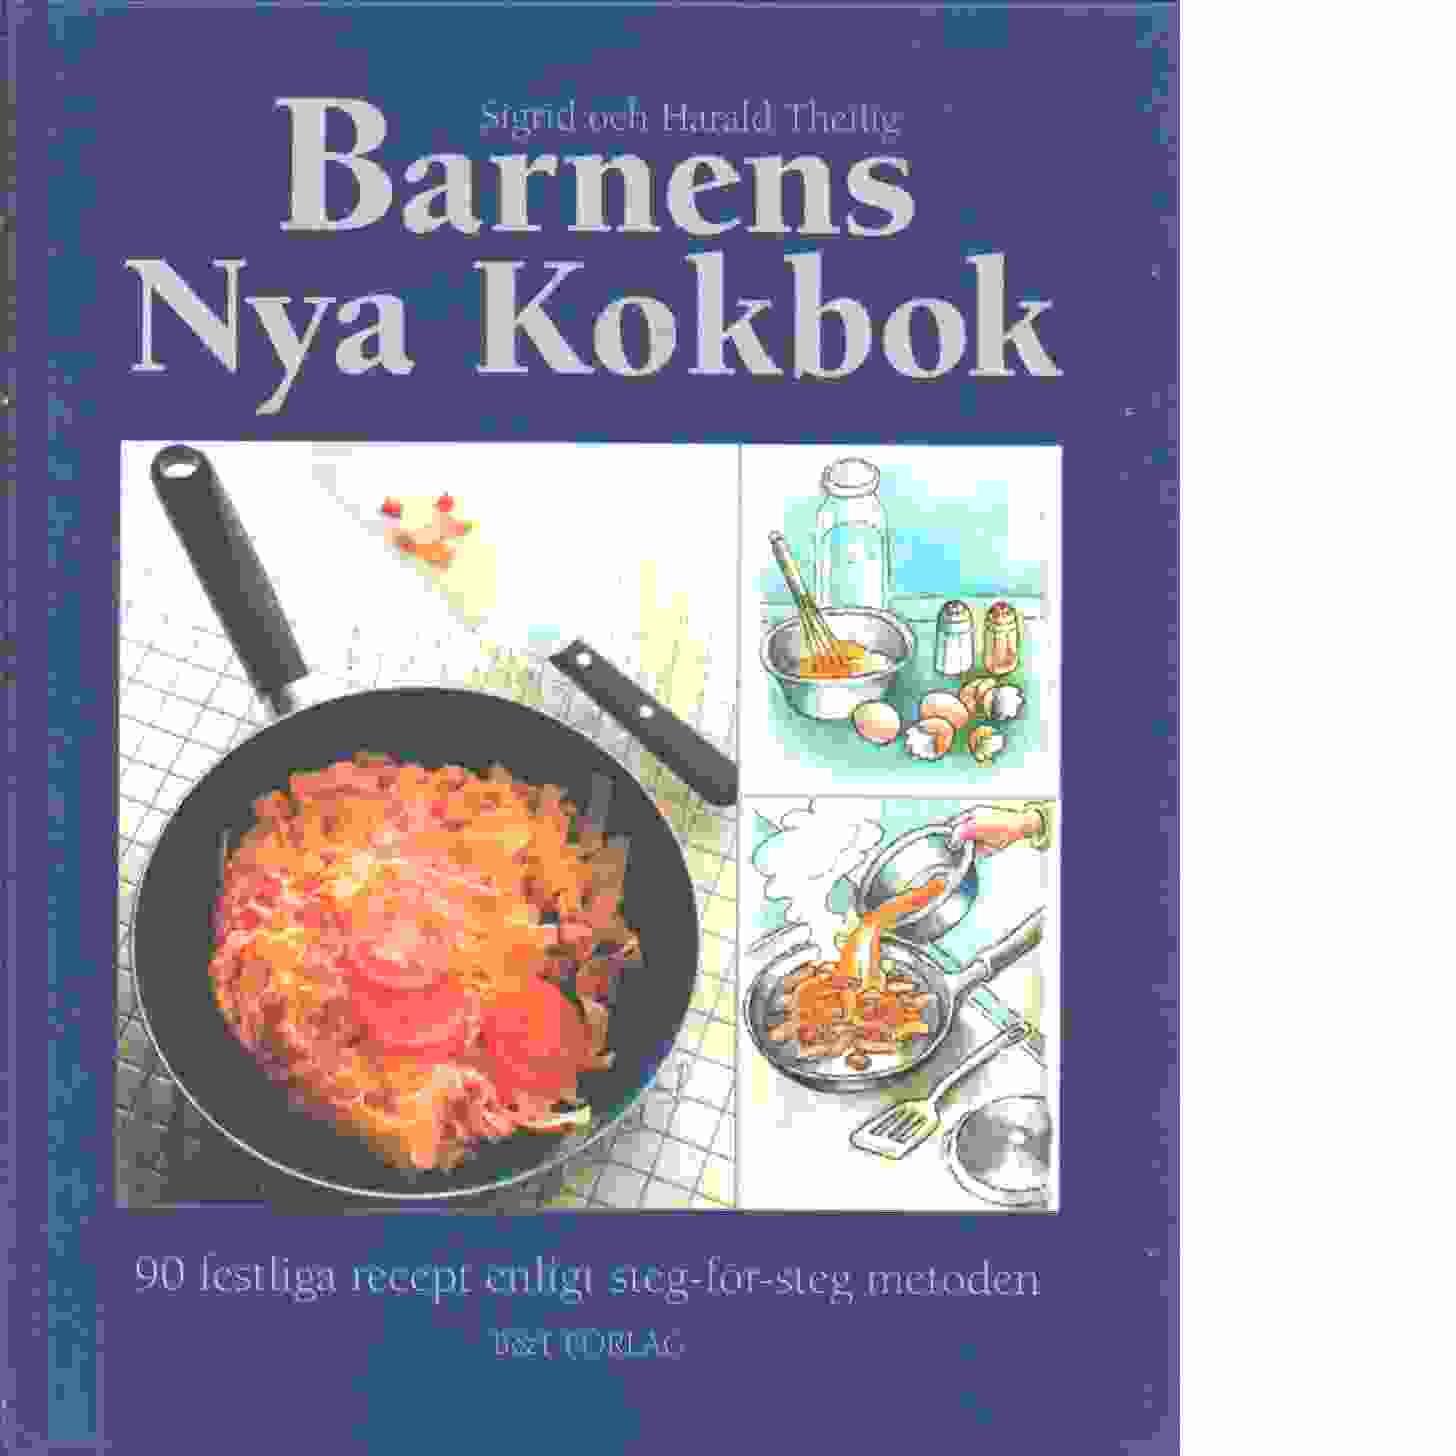 Barnens nya kokbok : 90 festliga recept enligt steg-för-steg metoden - Theilig, Sigrid och Theilig, Harald